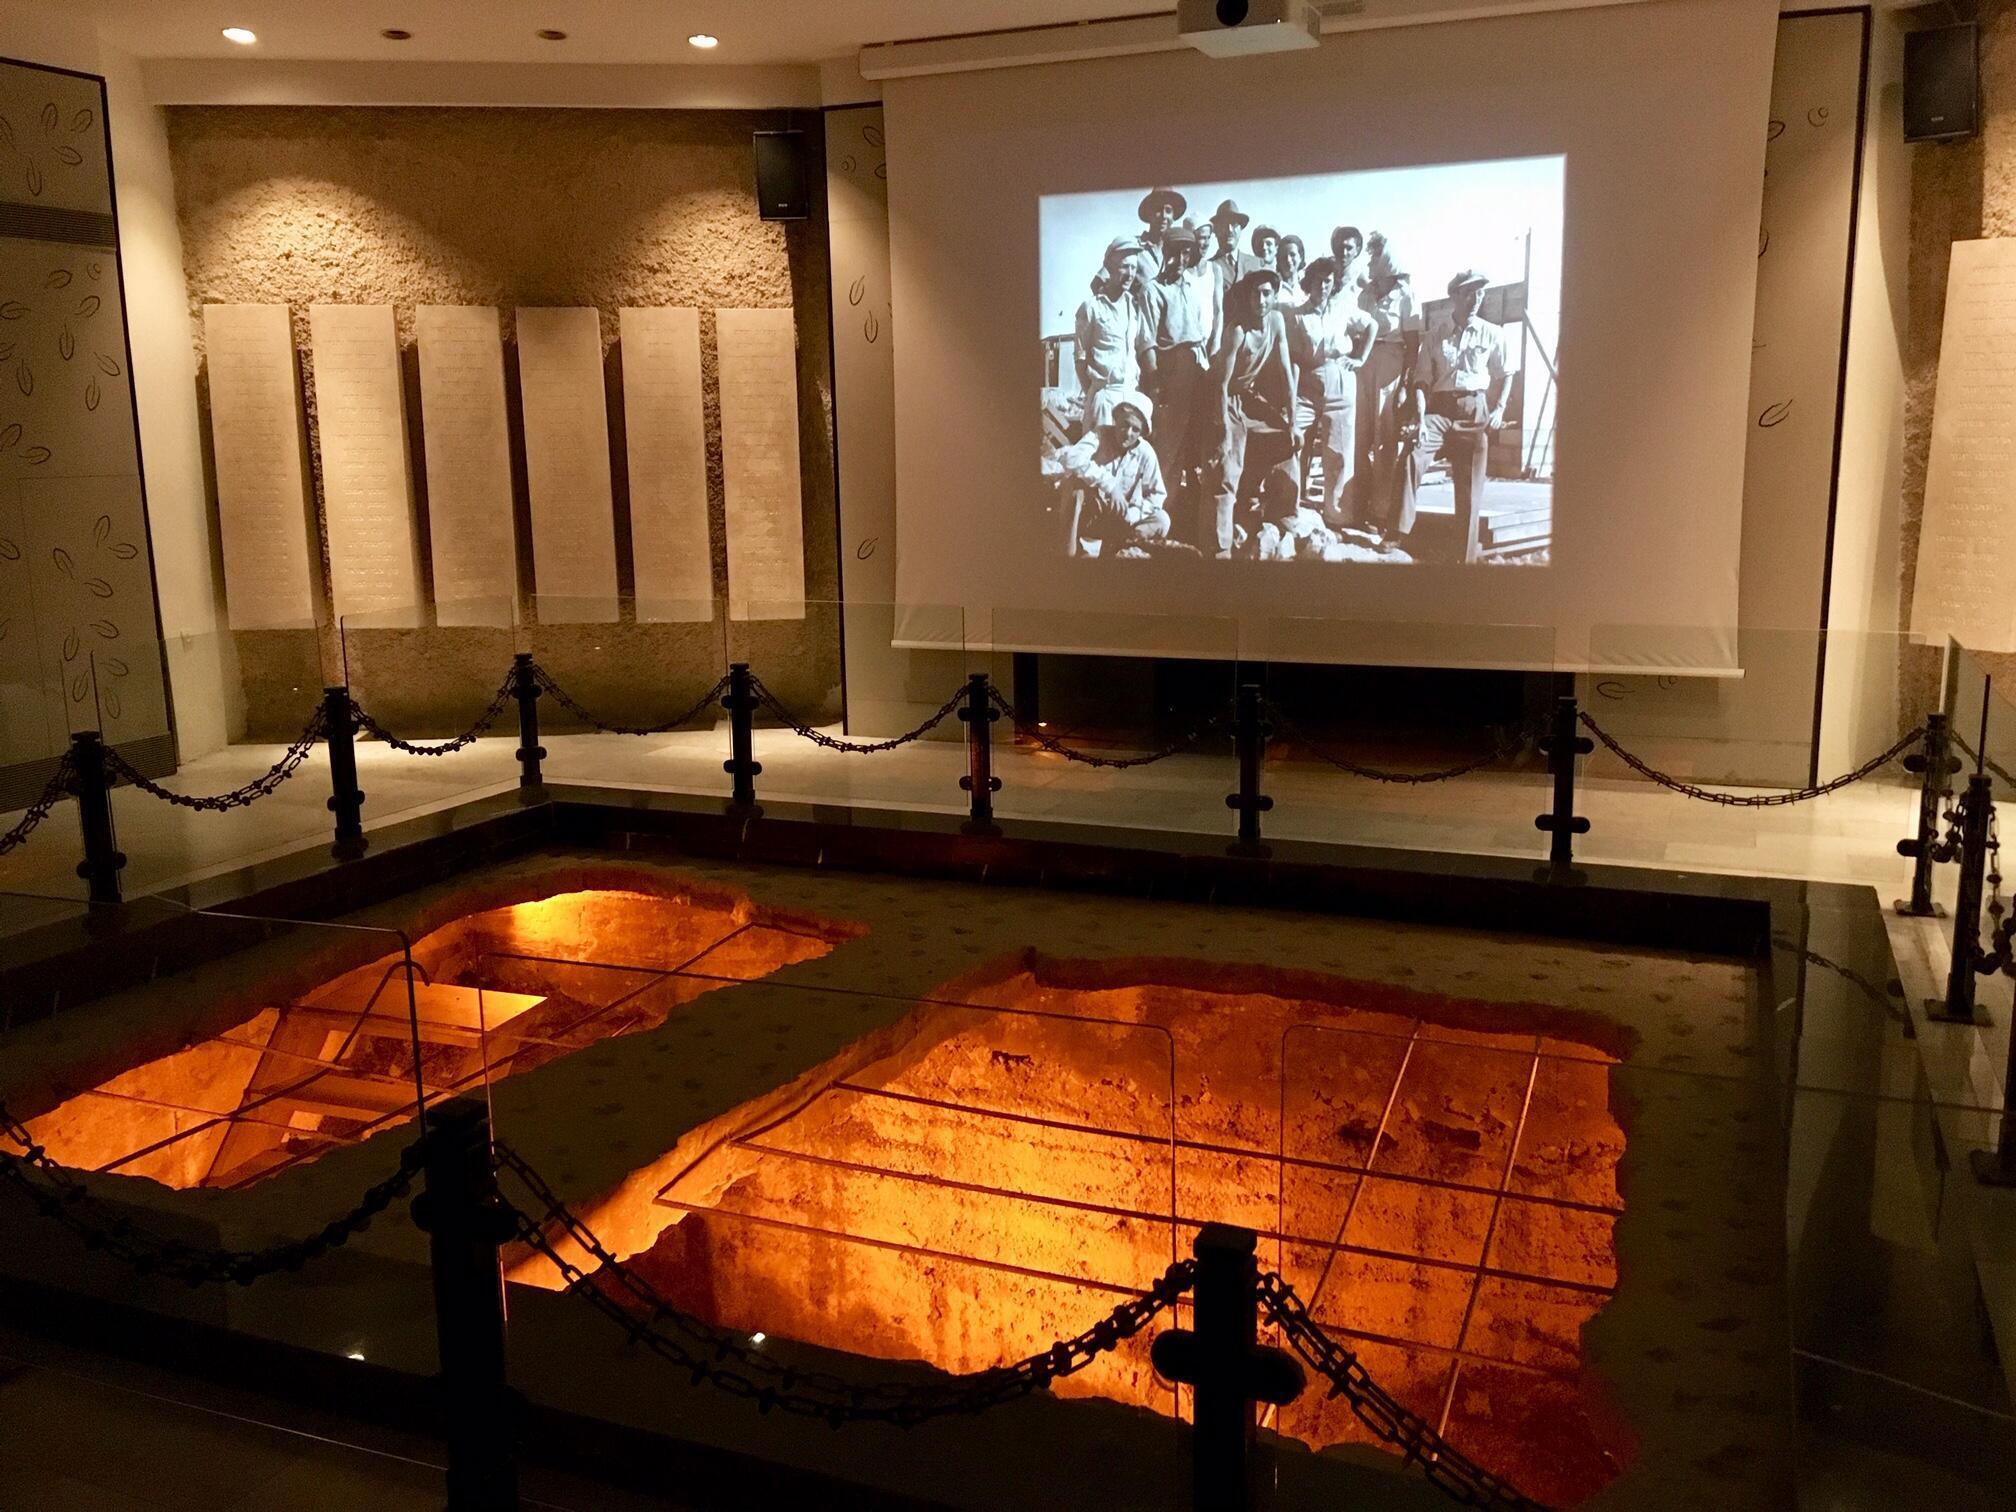 Dans le kibboutz de Kfar Etzion, un musée retrace l'histoire des communautés juives sur place de 1927 à 1948.